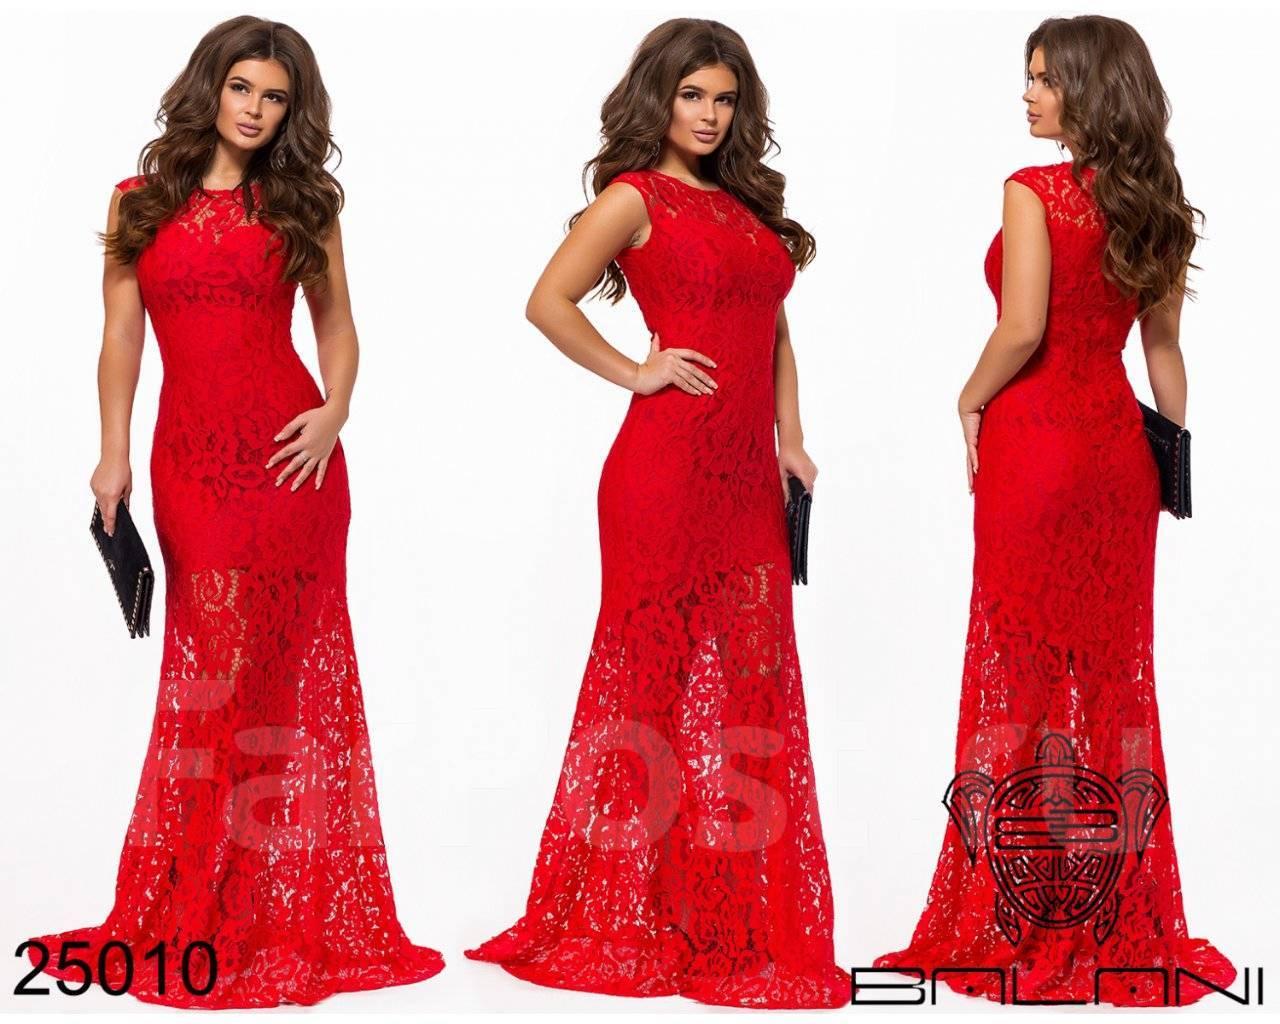 af6a2d017a7 Купить женские платья вечерние Размер  42 размера во Владивостоке! Цены.